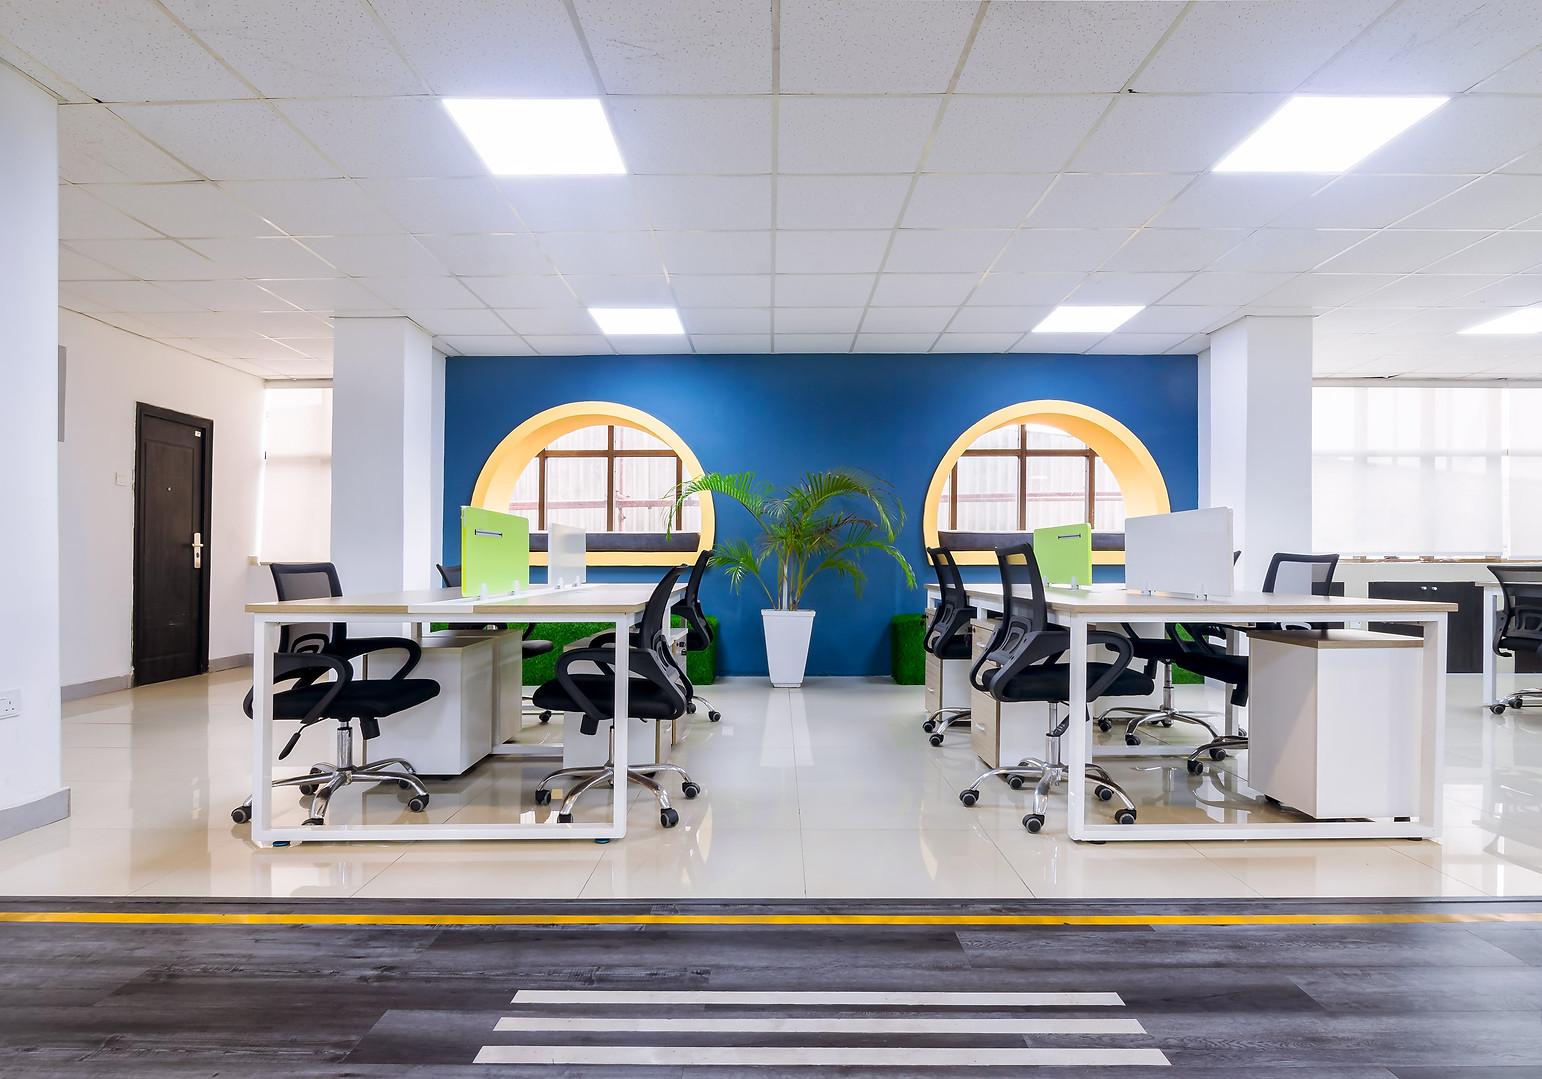 360 Office Interior_06.jpg